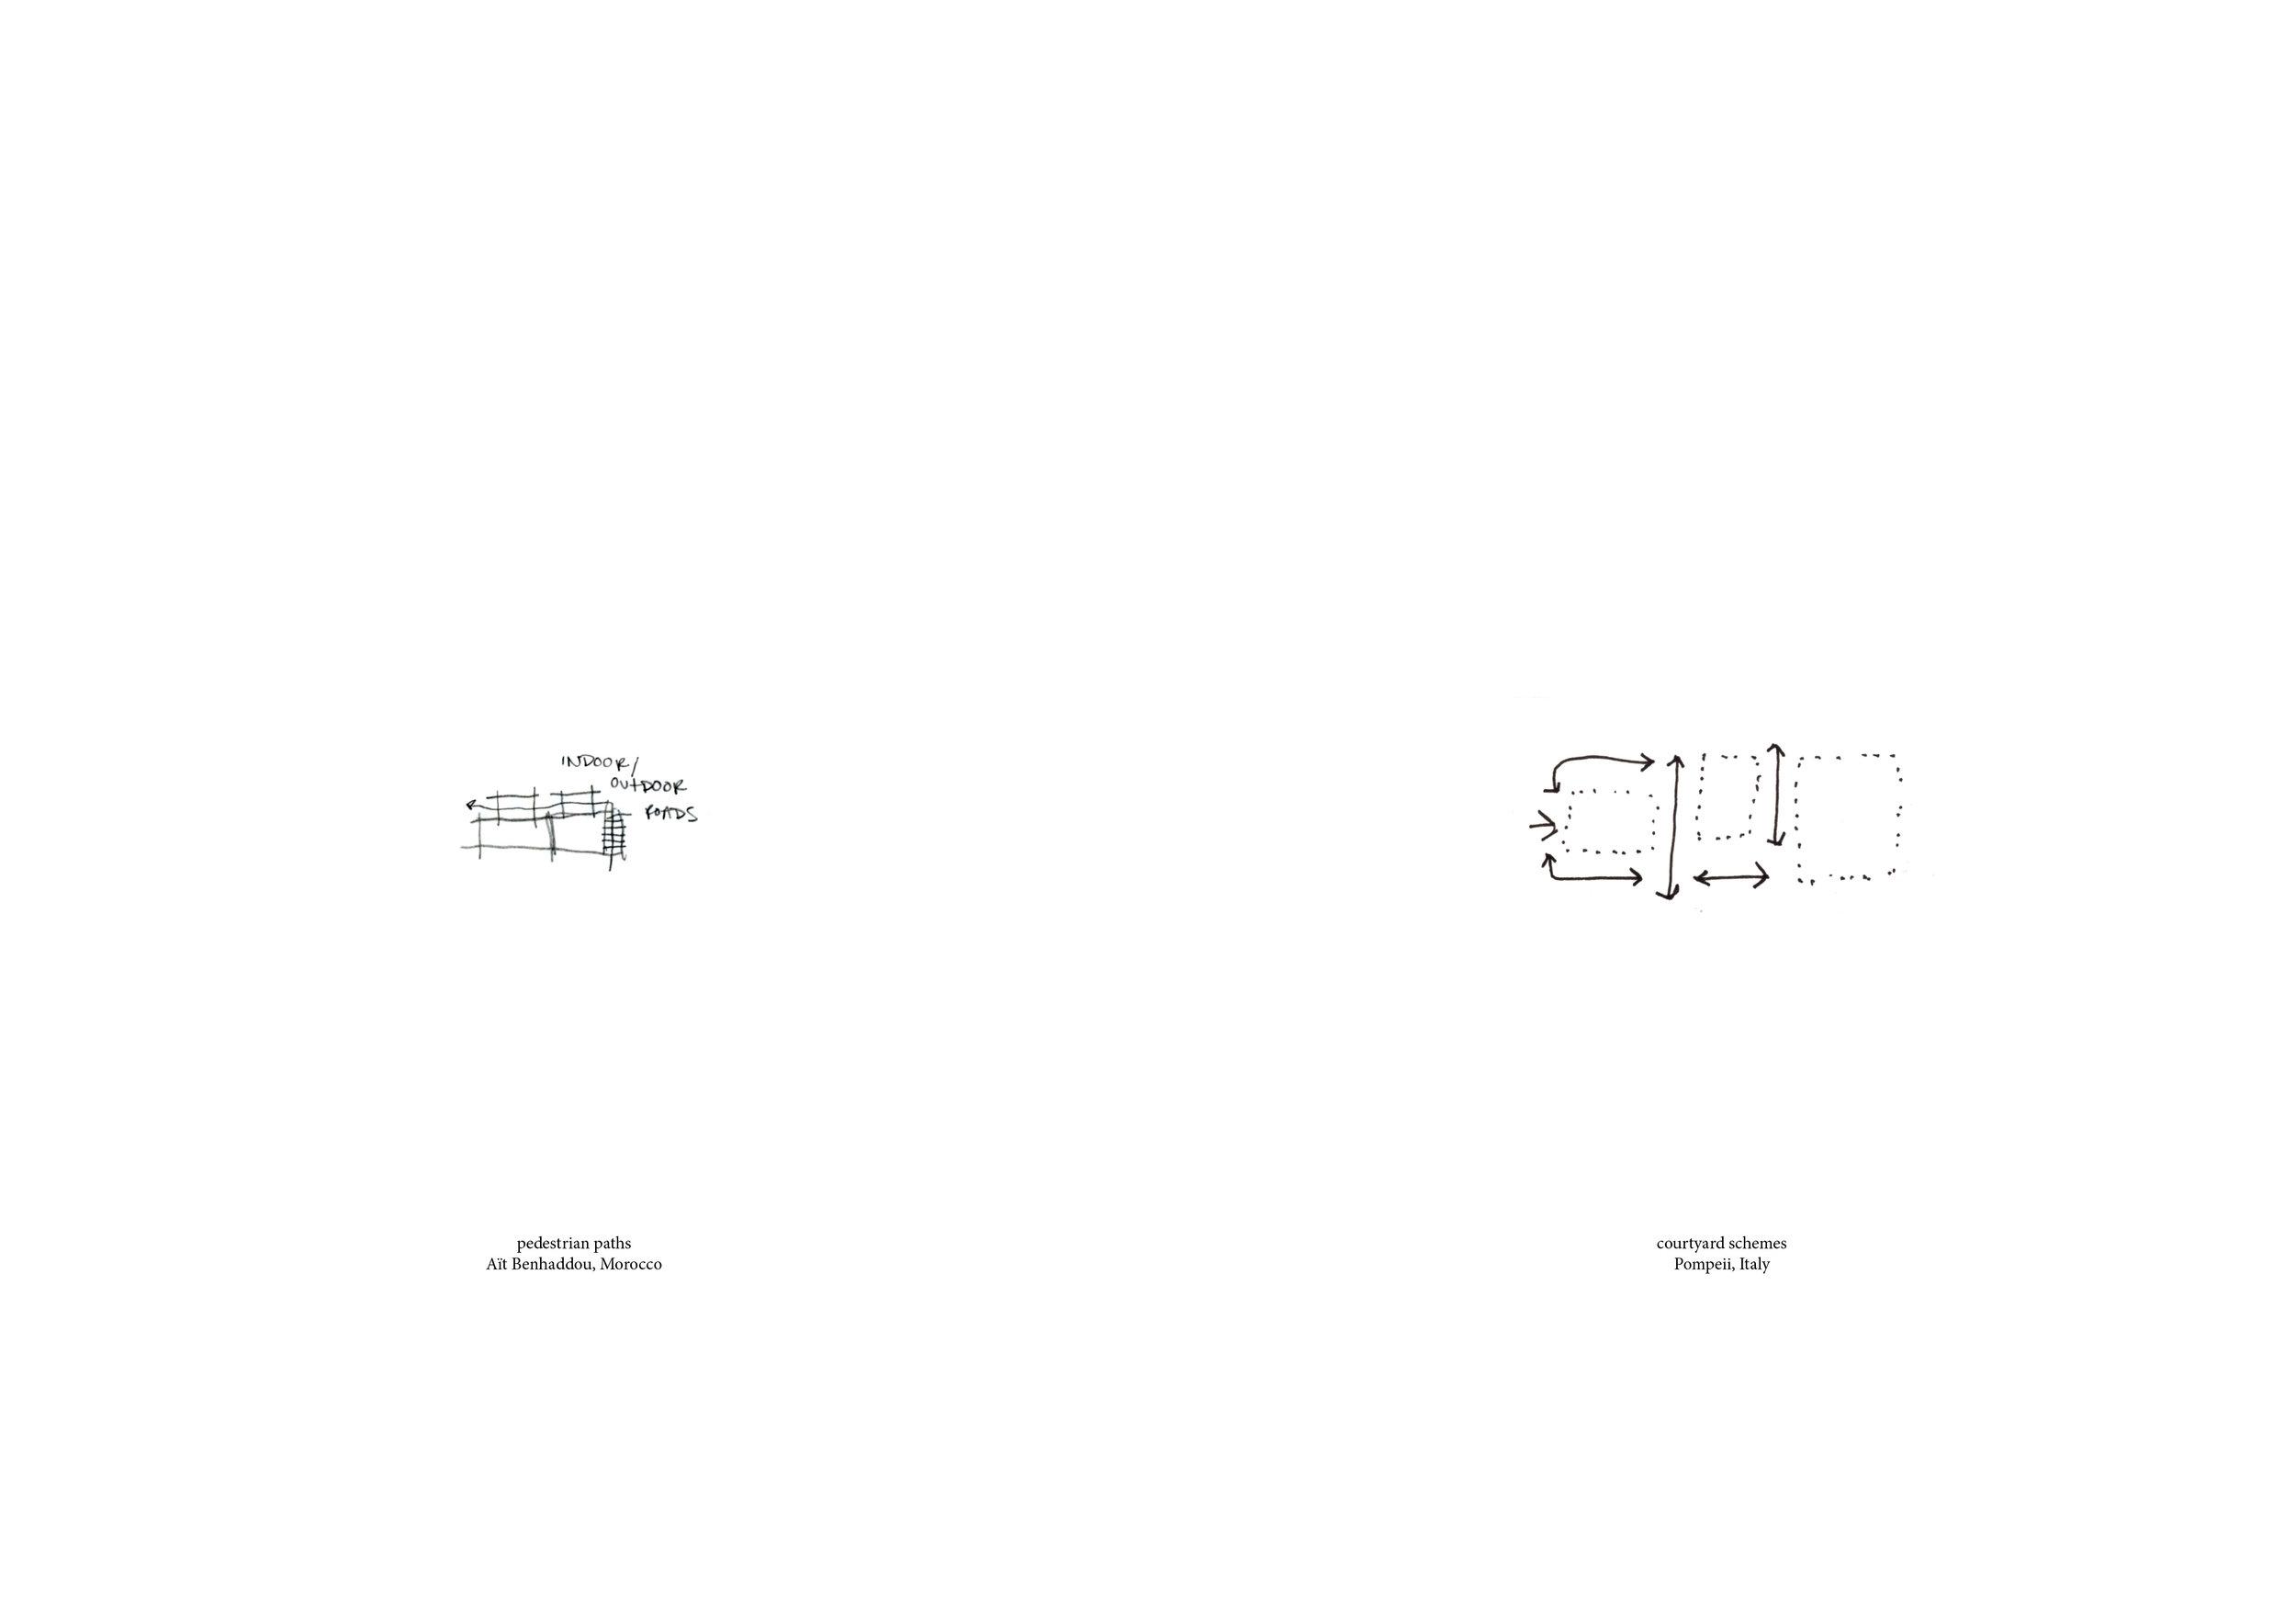 web diagram book print 316.jpg